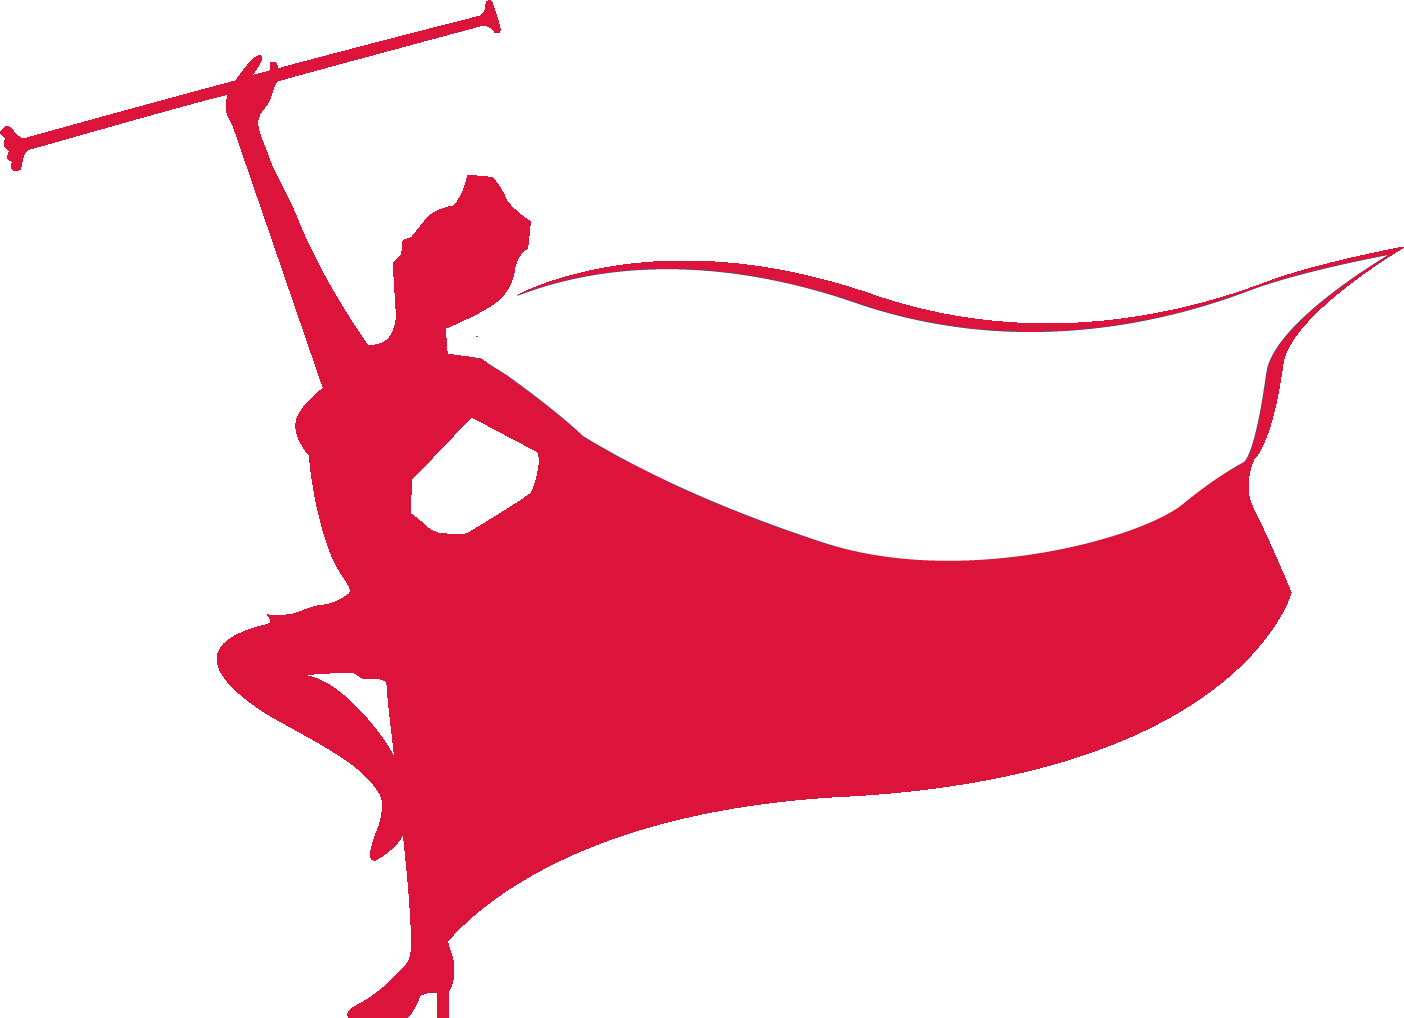 Oficjalne logo Mistrzostwa Polski